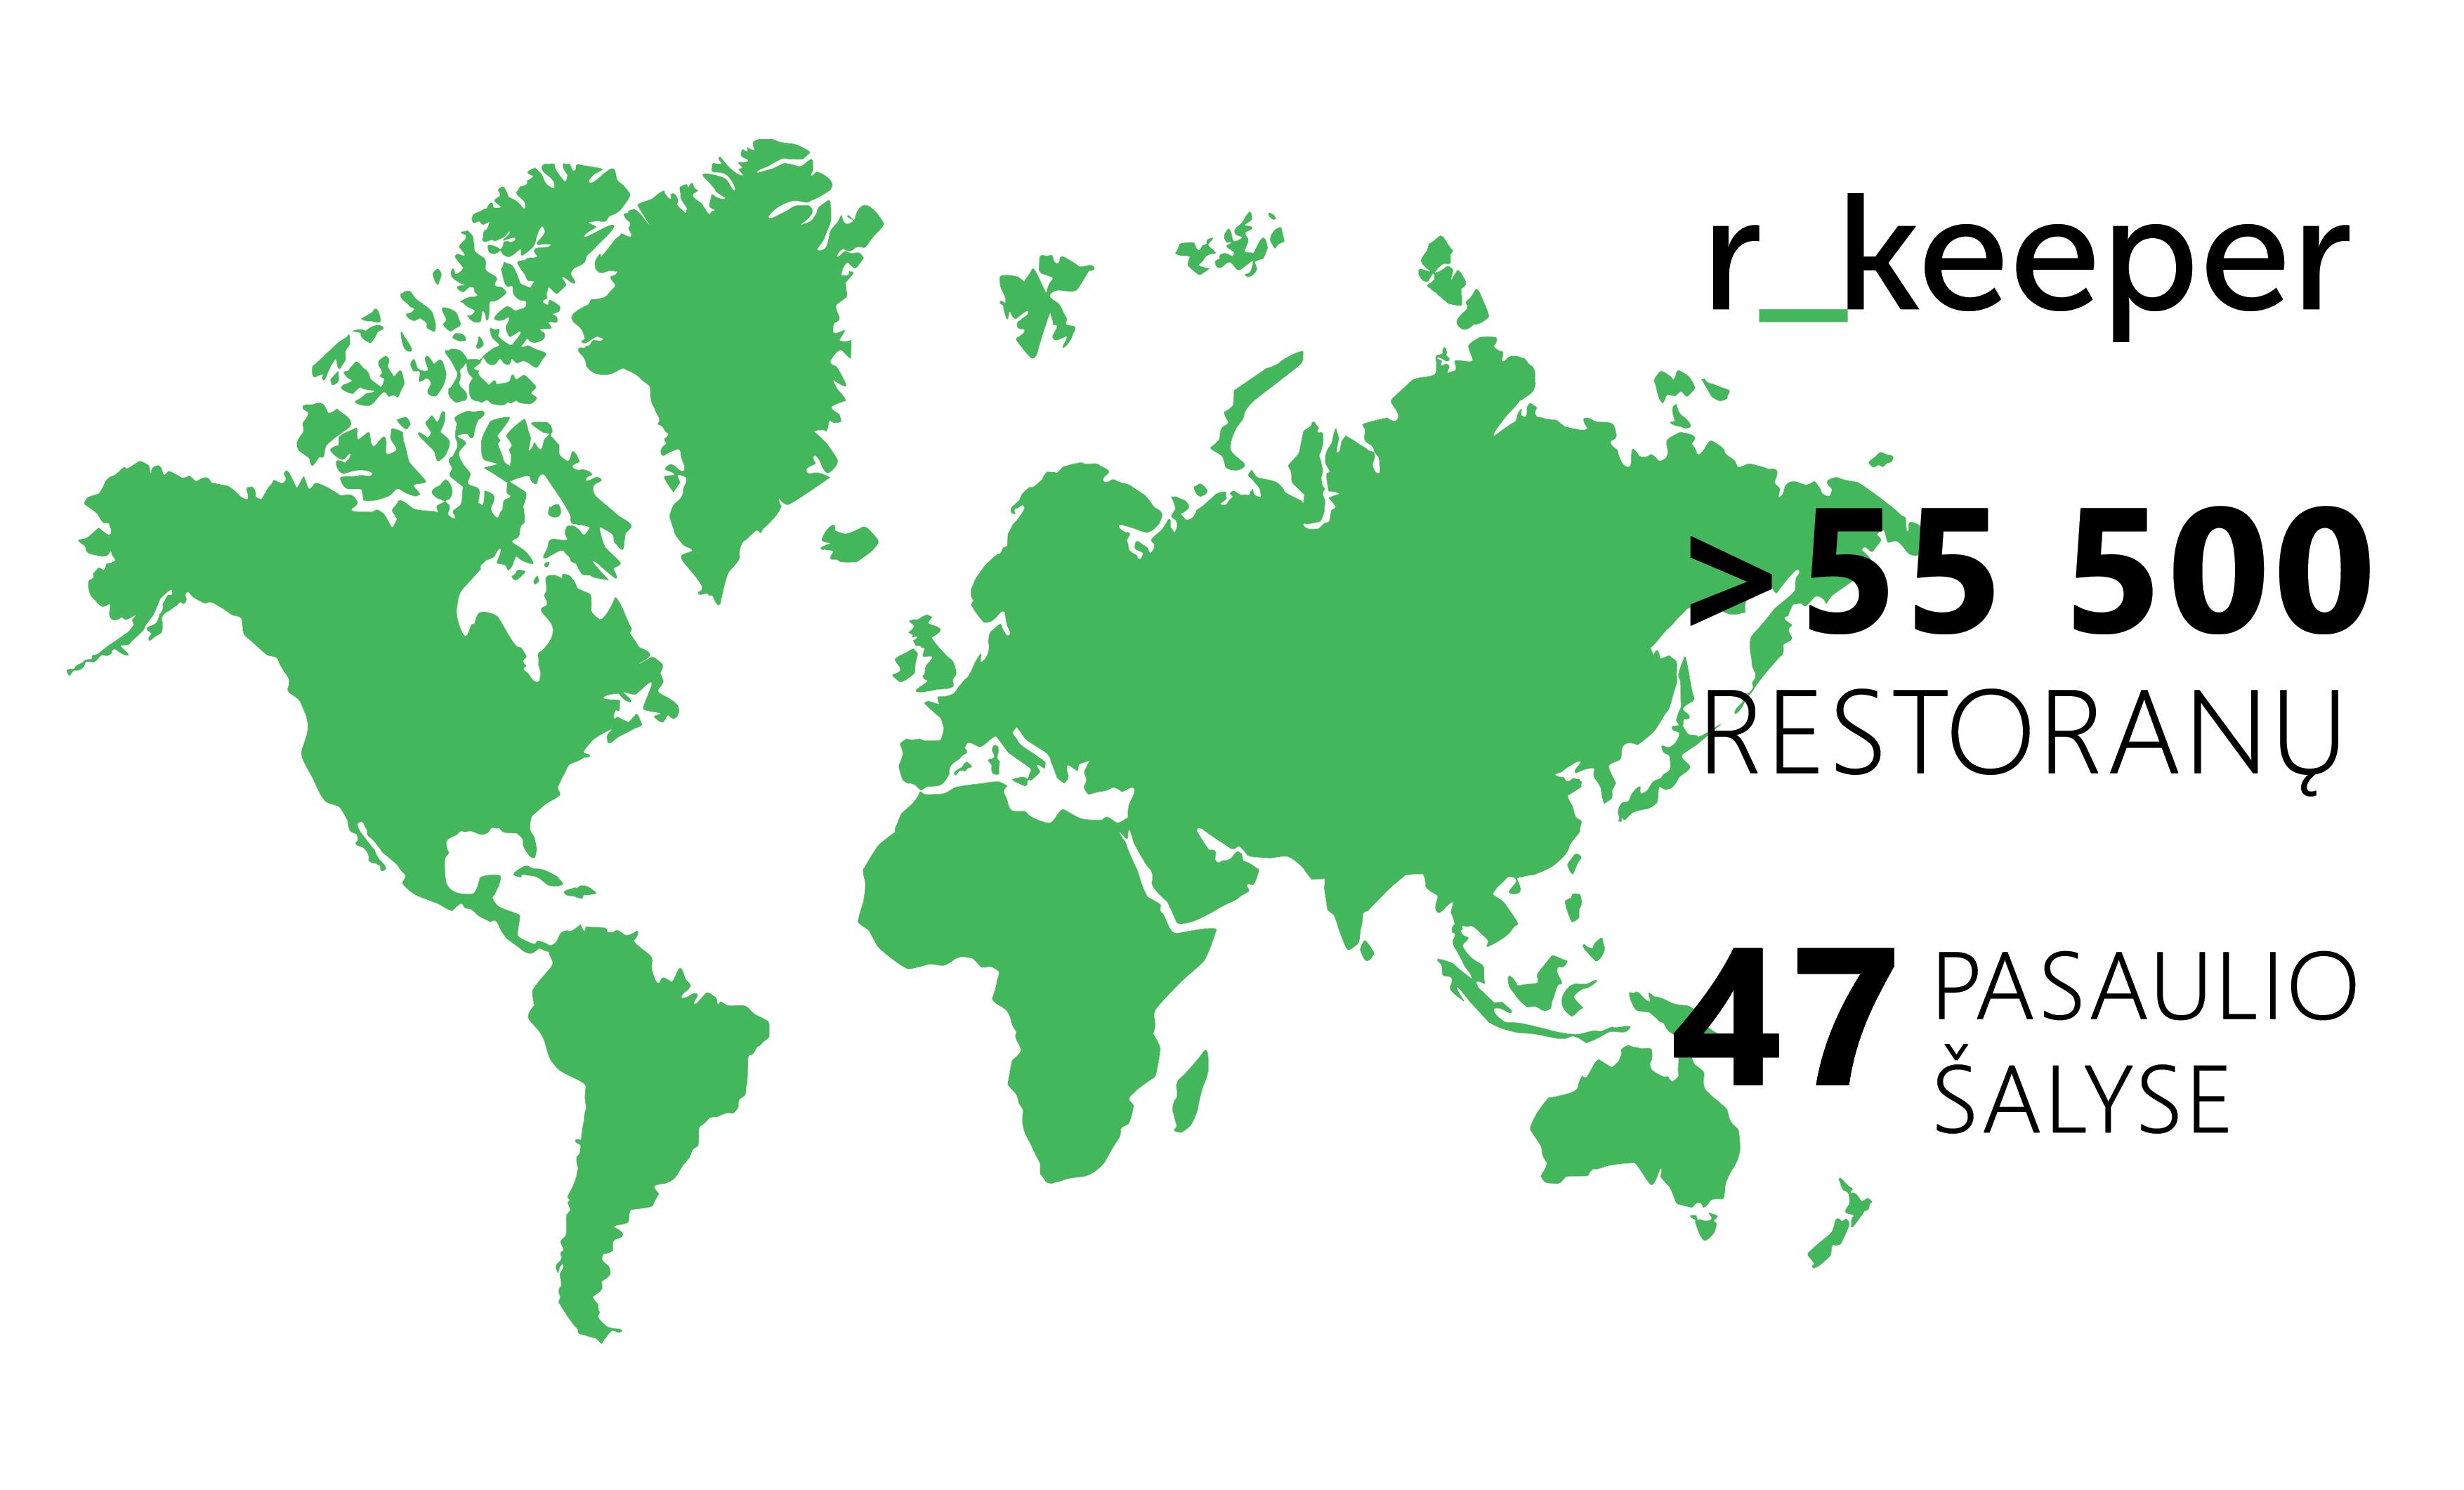 Žalias pasaulio žemėlapis su informacija apie r_keeper